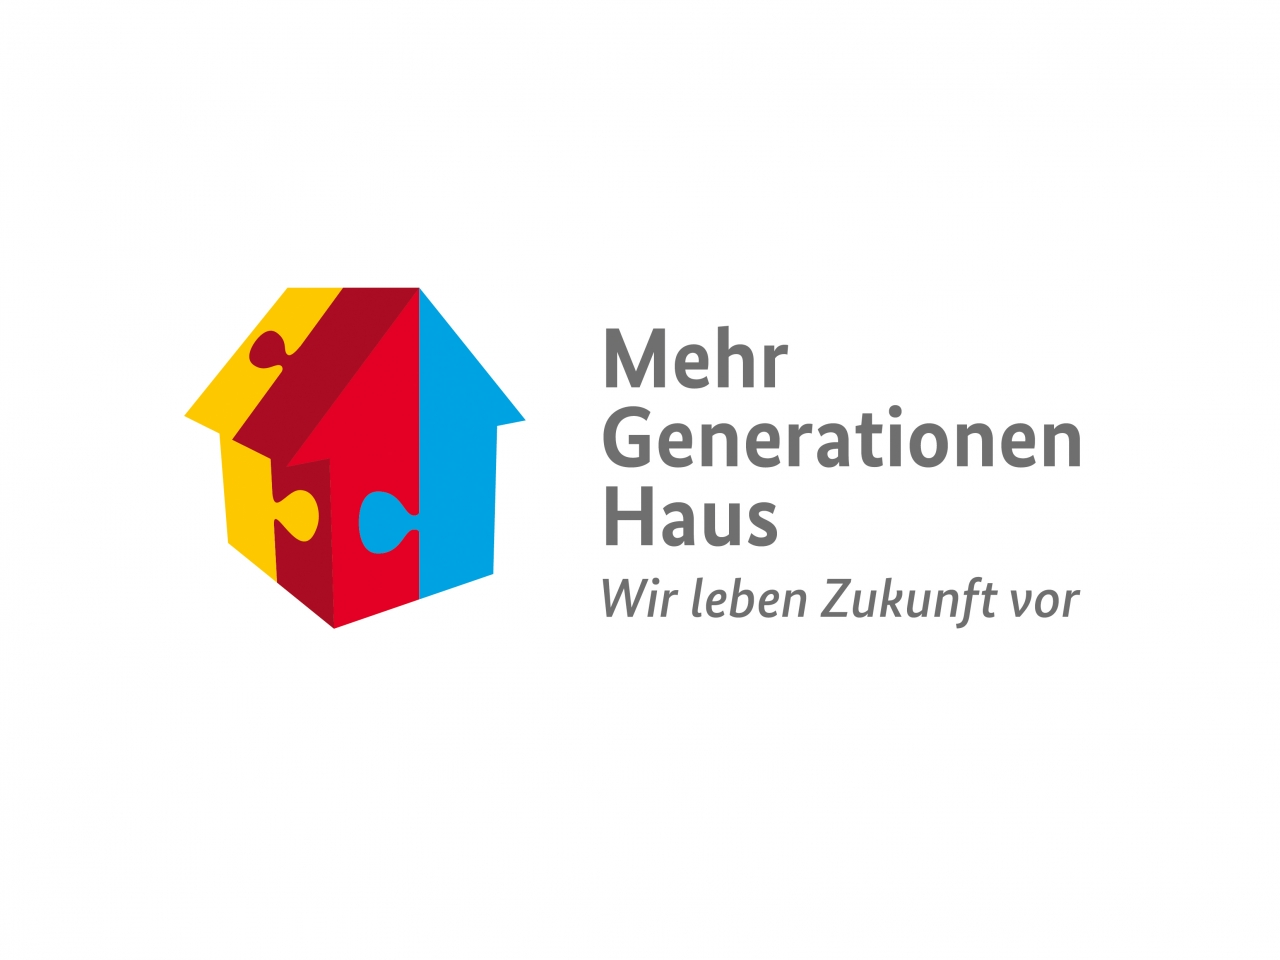 Logo Mehrgenerationenhaus mit dem Slogan Wir leben Zukunft vor